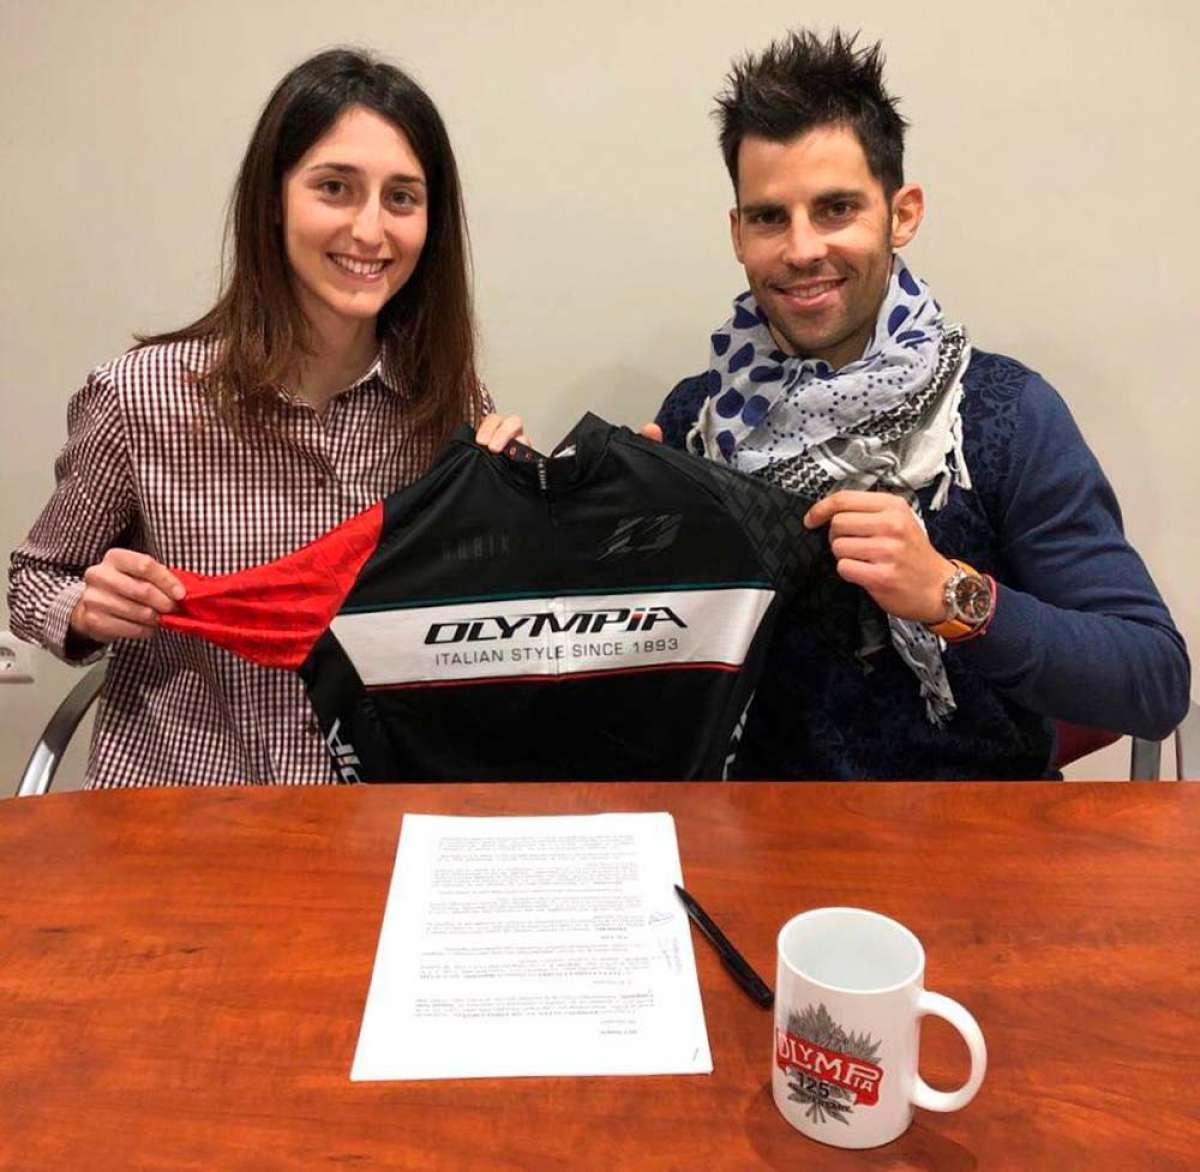 Elena Lloret, subcampeona de España de XCO, se une al Olympia Factory Cycling Team